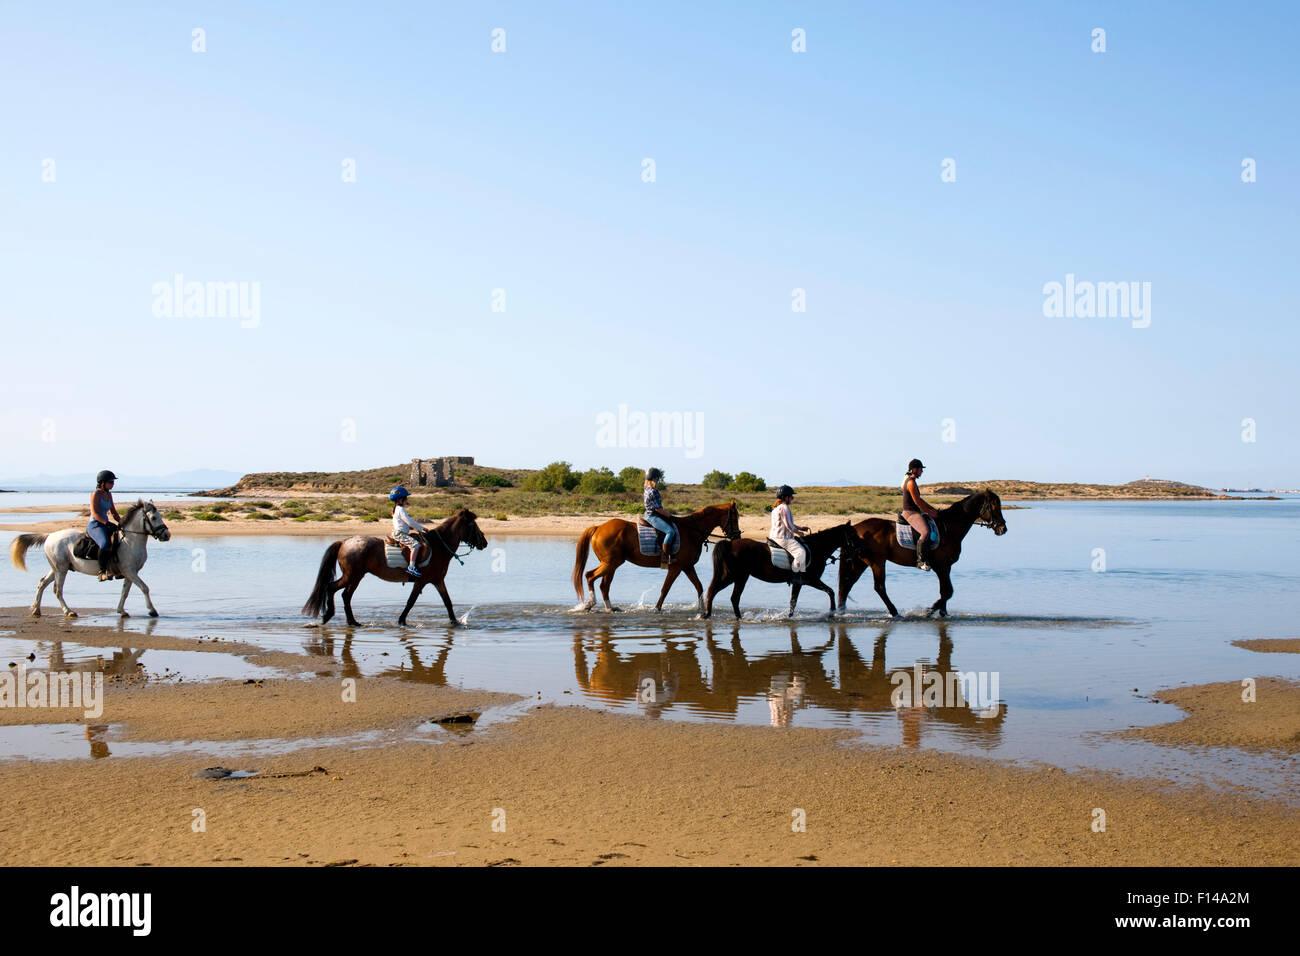 Griechenland, Kykladen, Naxos, Reiter am Strand bei Agios Prokopios. Veranstalter der Reitausflüge Iris Neubauer. Stock Photo